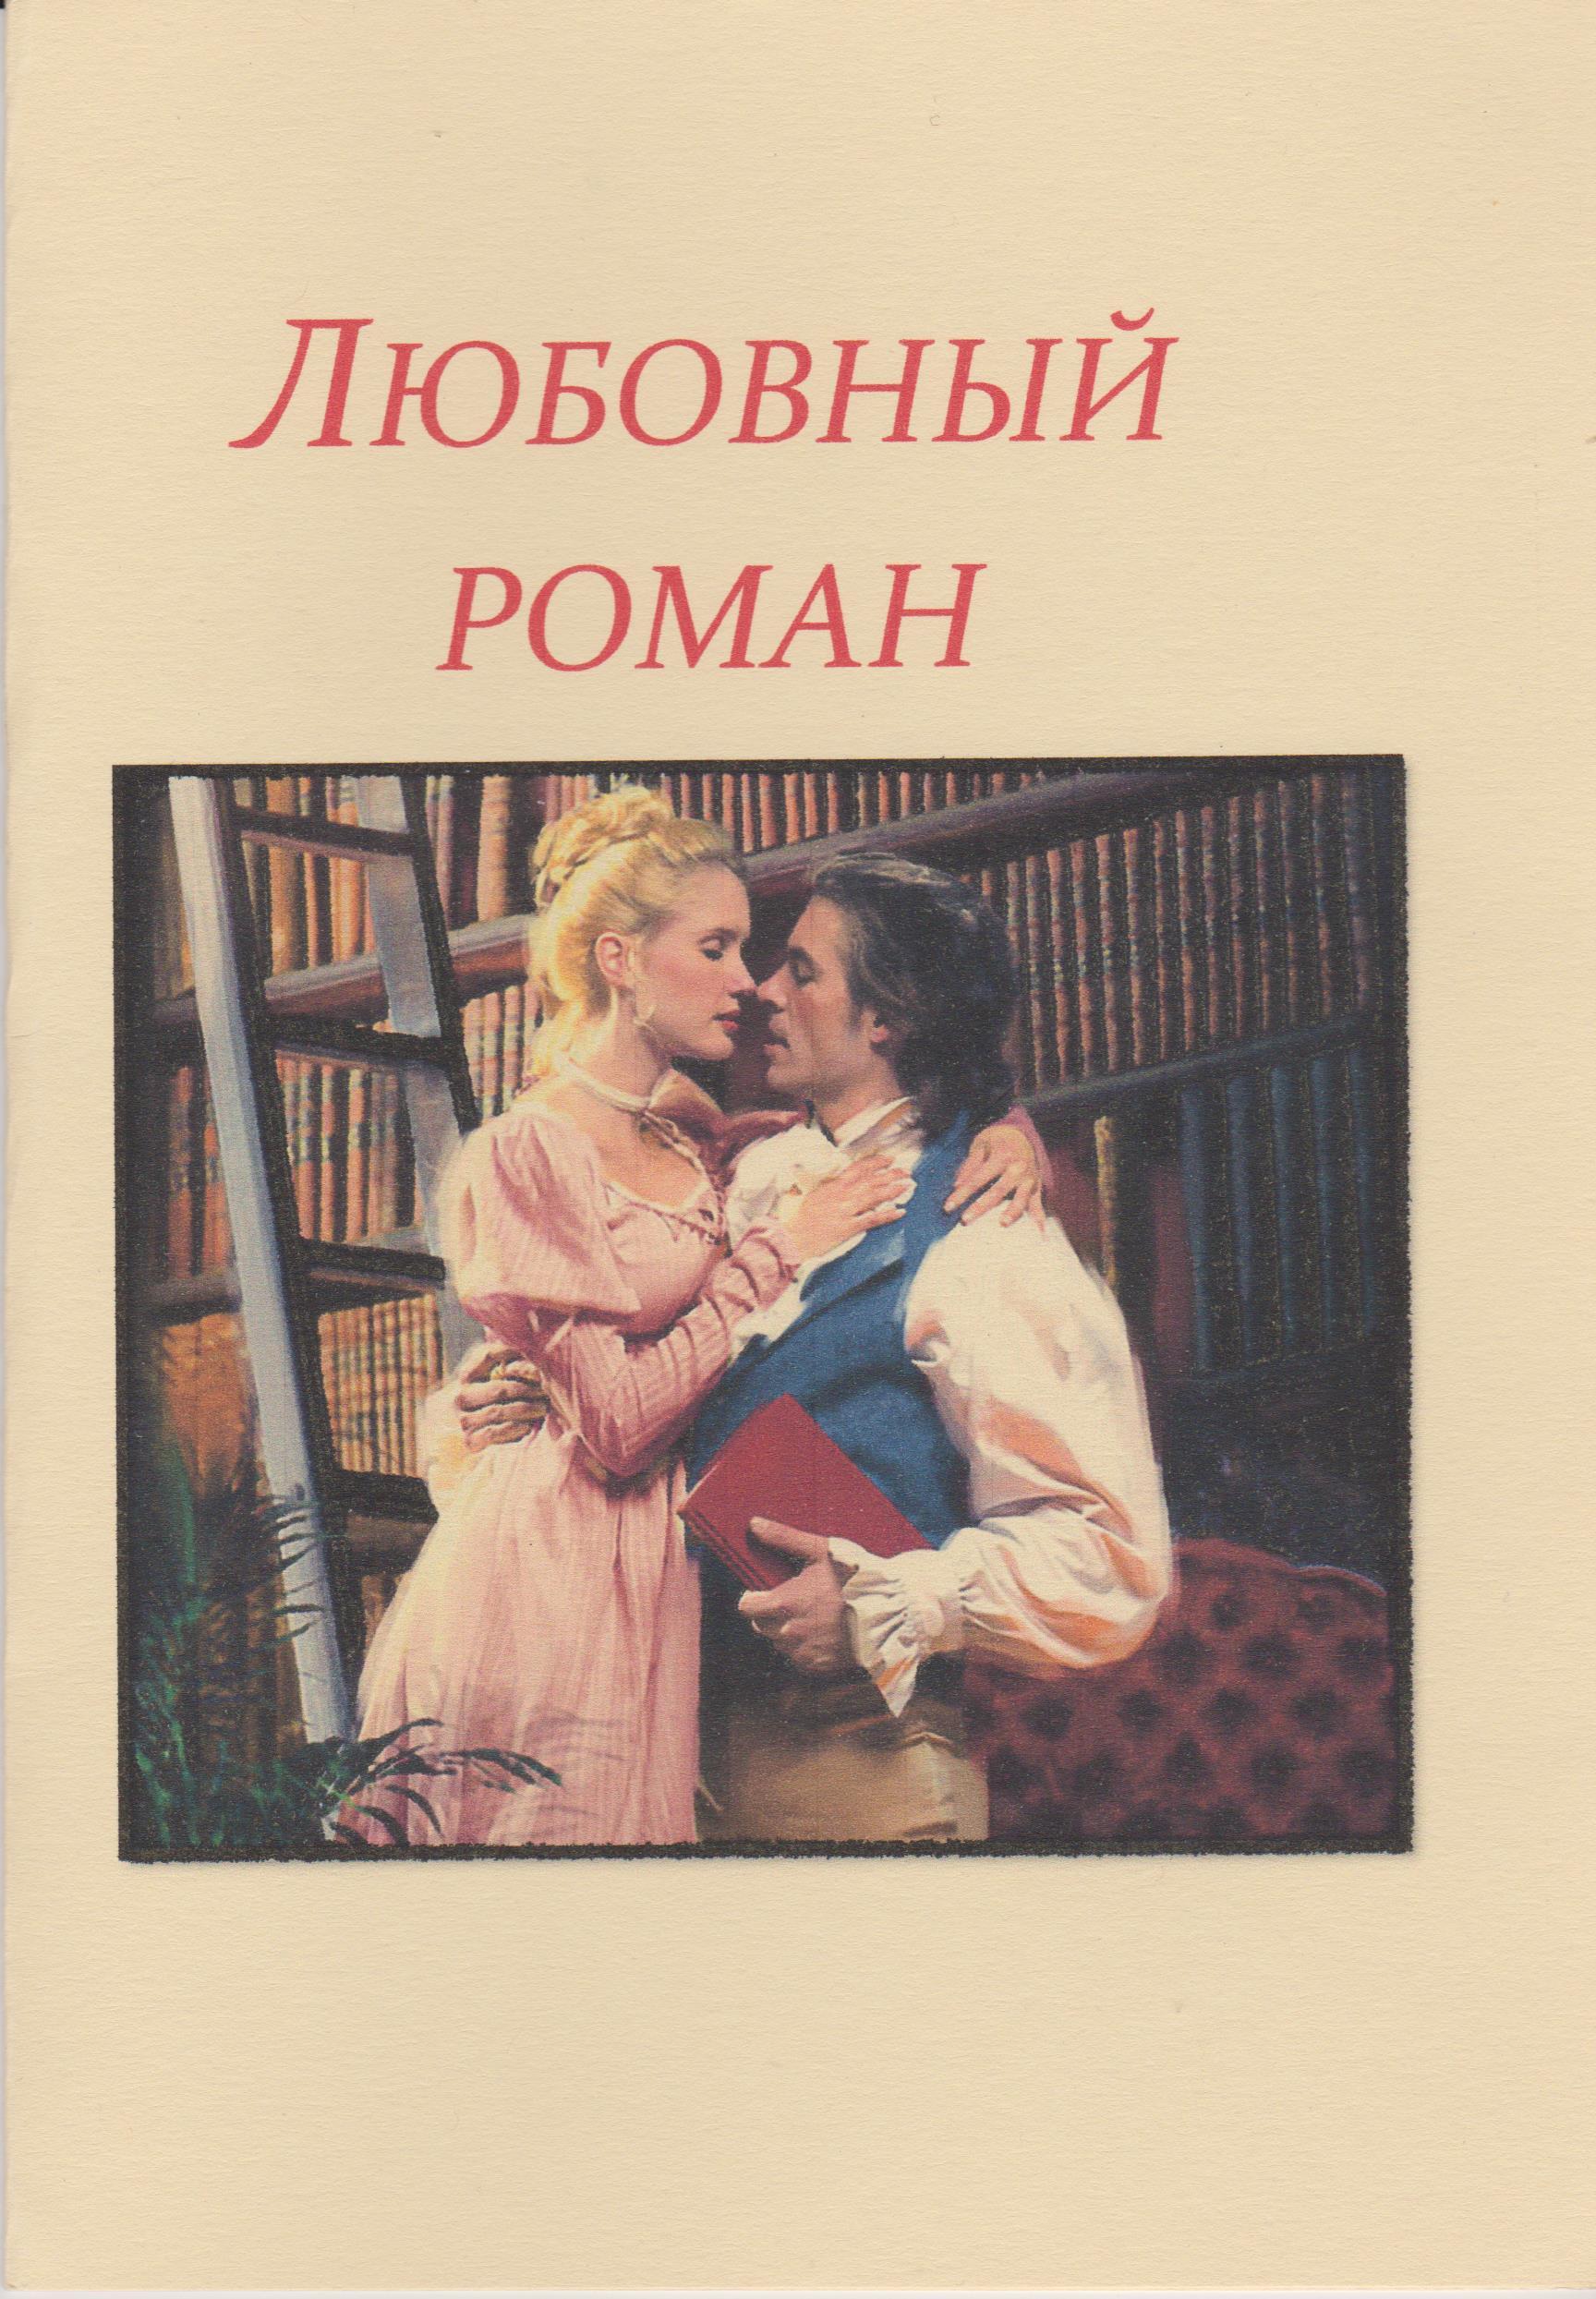 библиоподиум, любовный роман, библиотека-филиал17 жукова, симферополь, шушкова ирина,